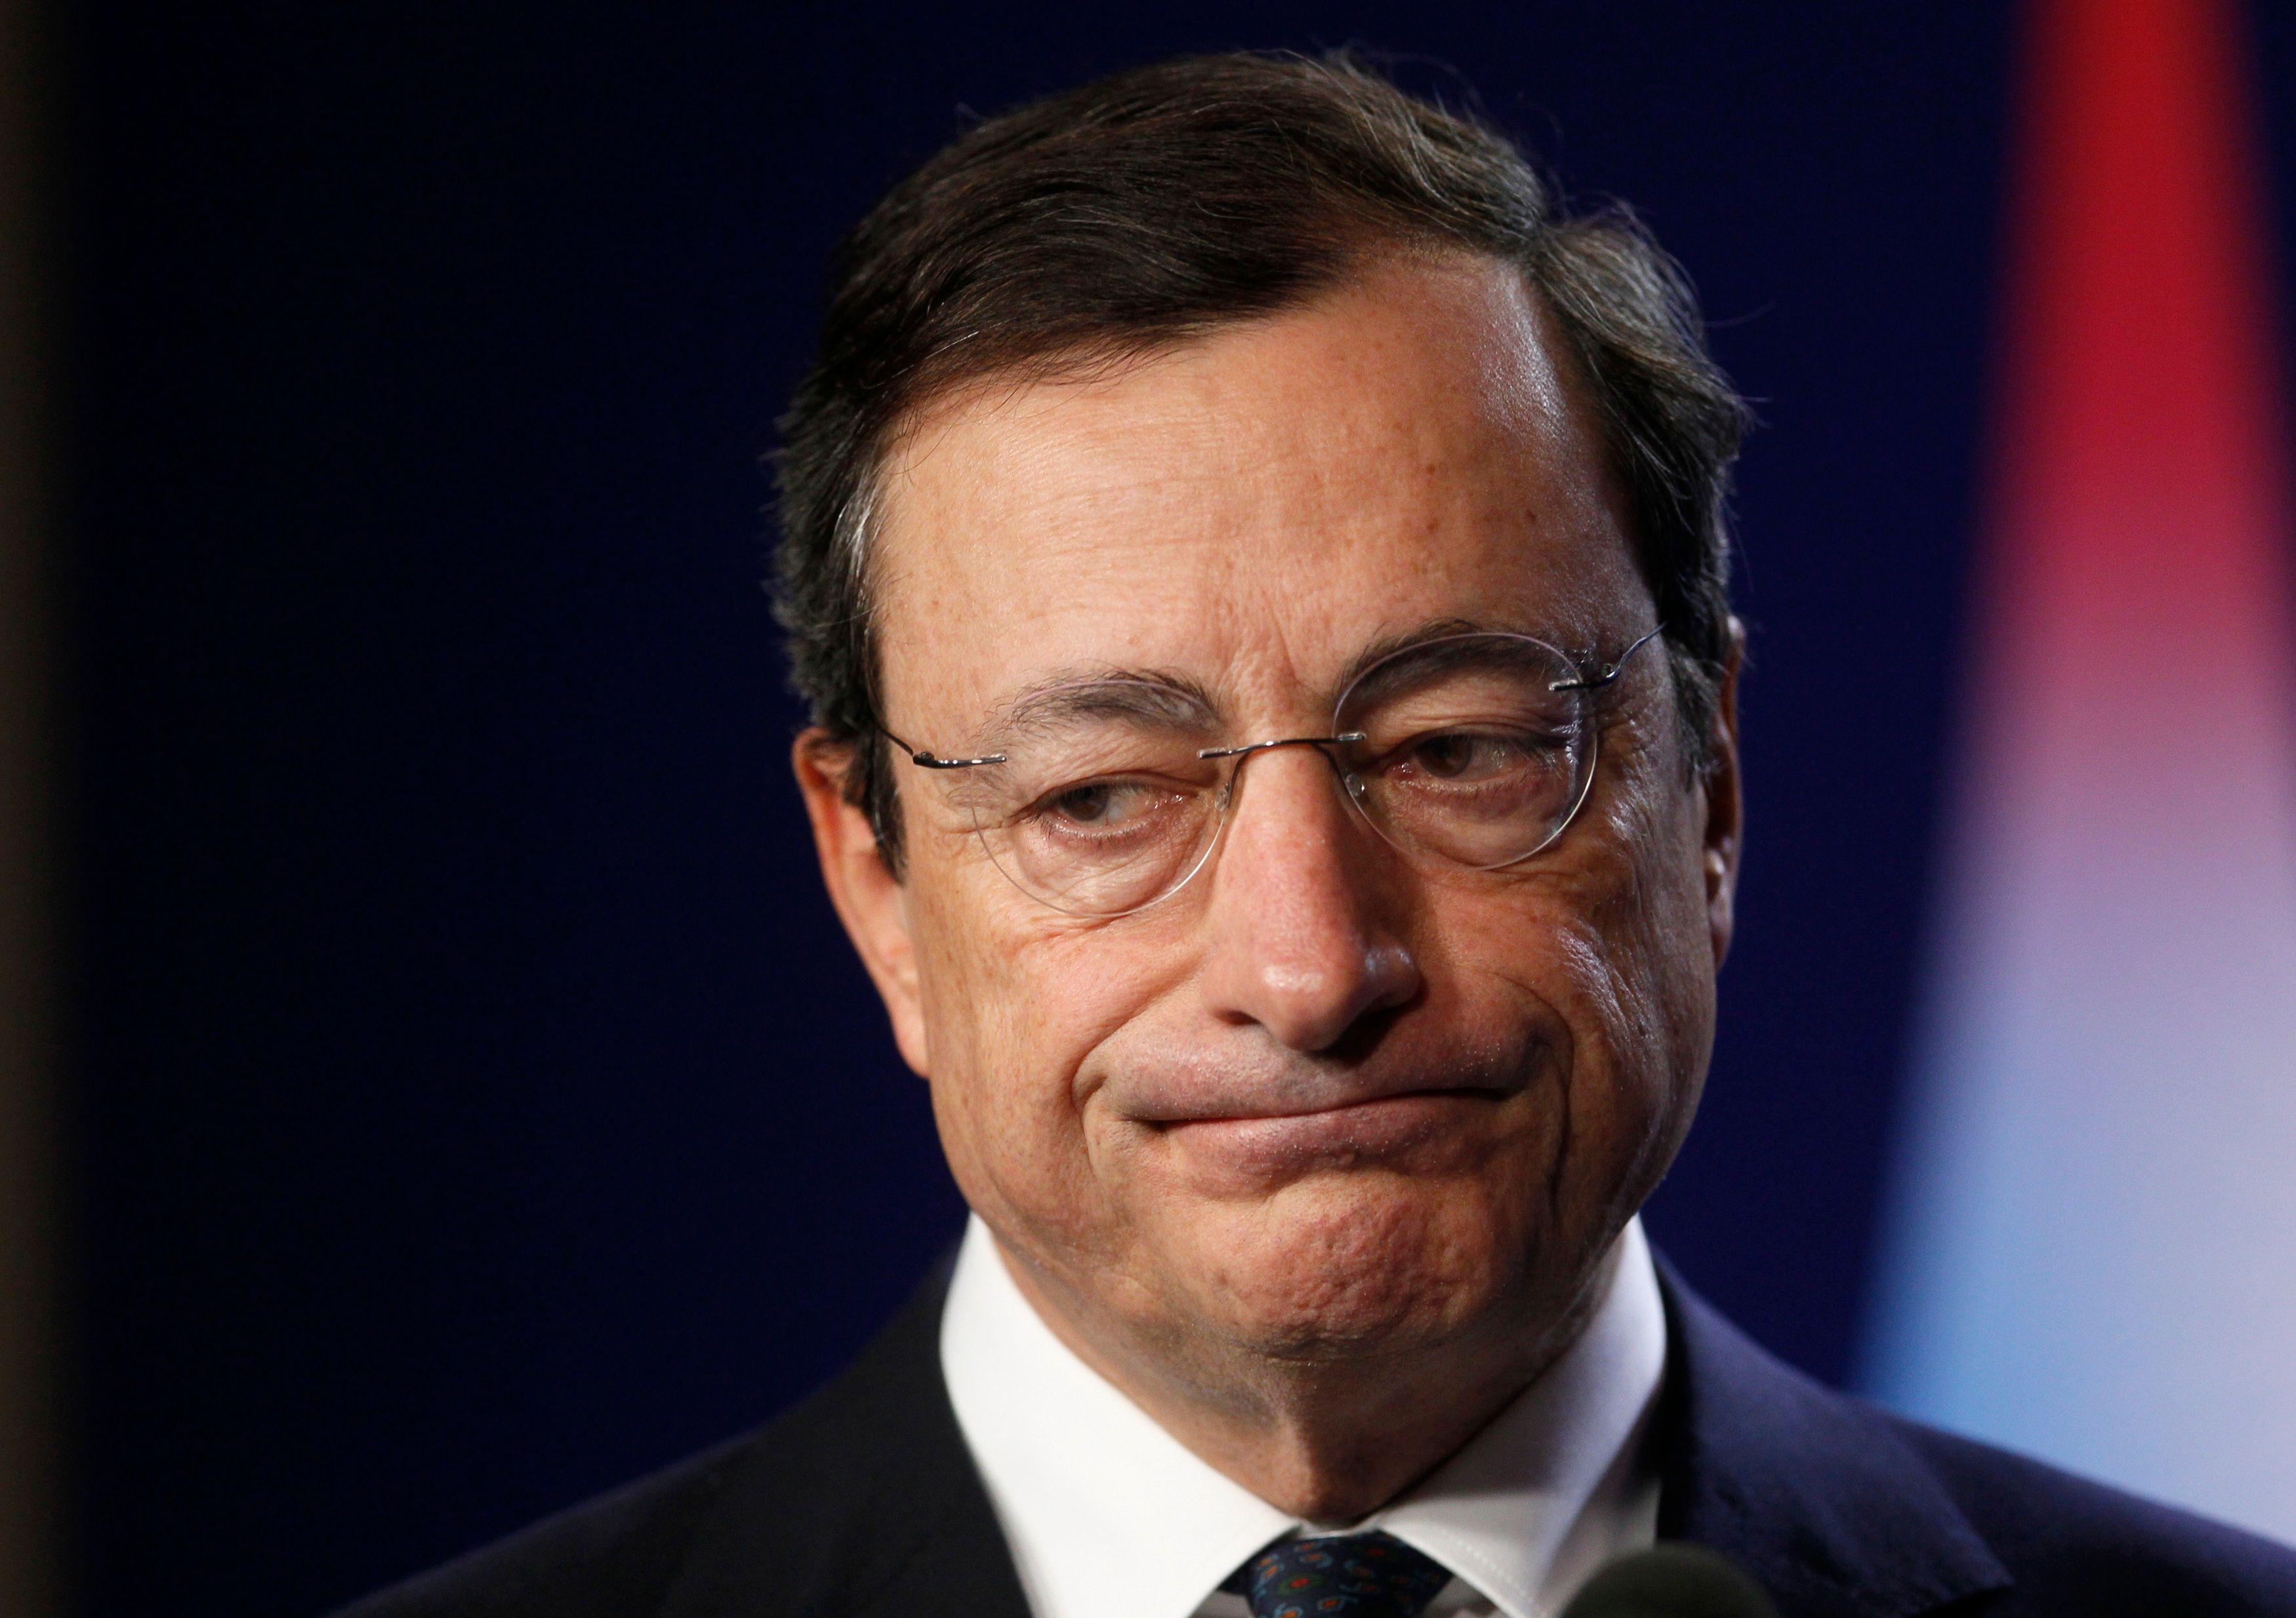 Draghi blues : l'homme le plus puissant d'Europe n'a pas un bon bilan. Mais pas pour les raisons avancées habituellement